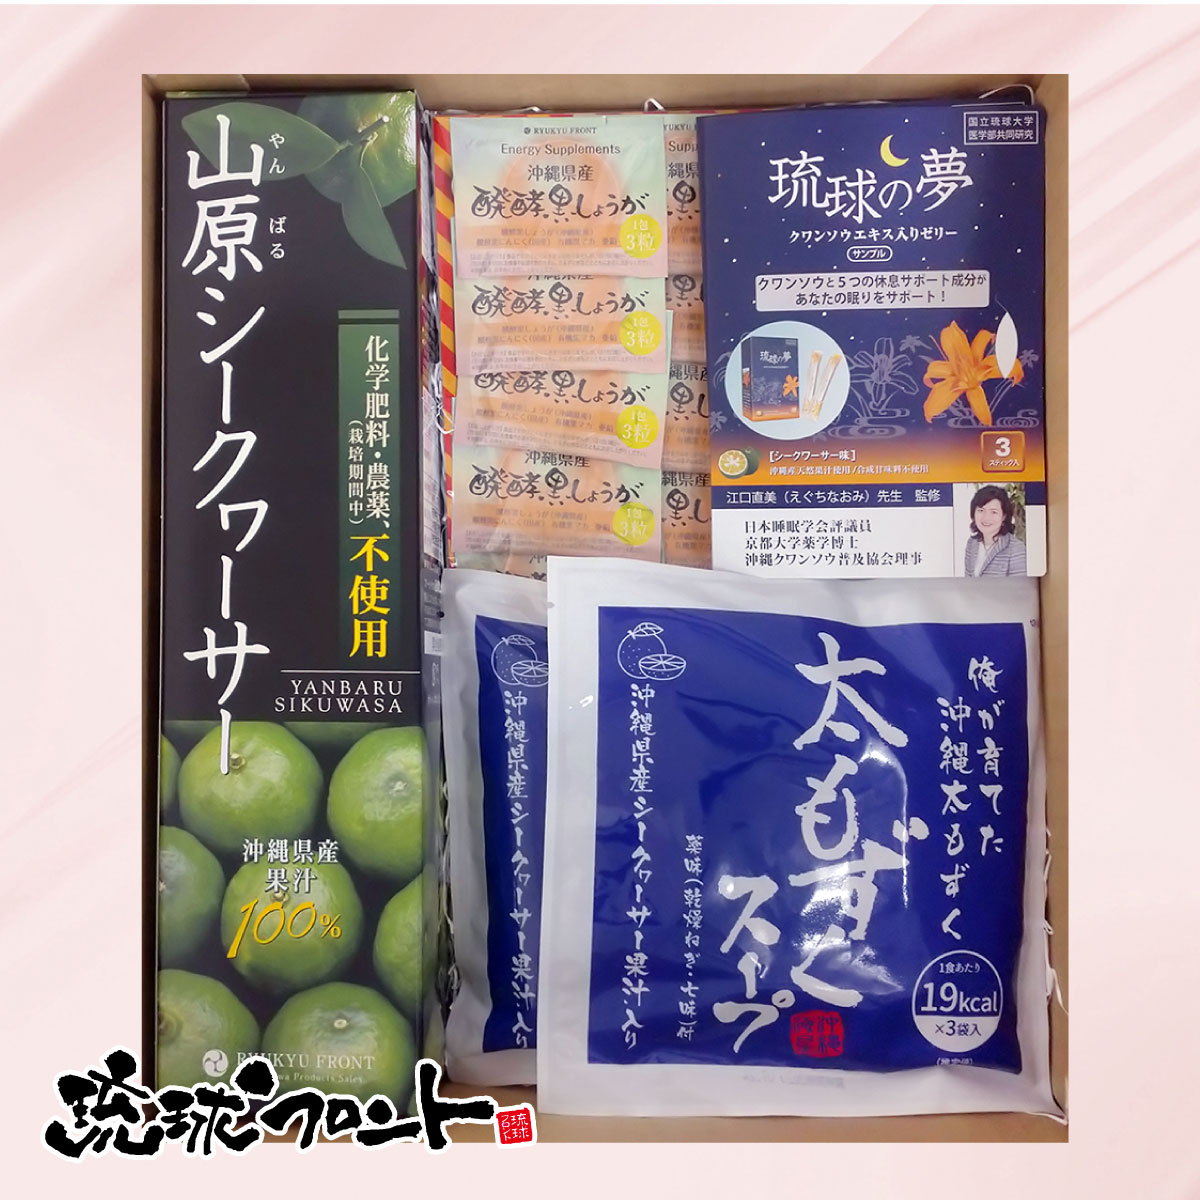 【送料無料】【ギフト】 健康お試し 父の日 ギフトセット (山原シークヮーサー720ml×1、もずくスープ(3食入)×2、国産醗酵黒しょうが(3粒×10包)、琉球の夢(3スティック)×2 )